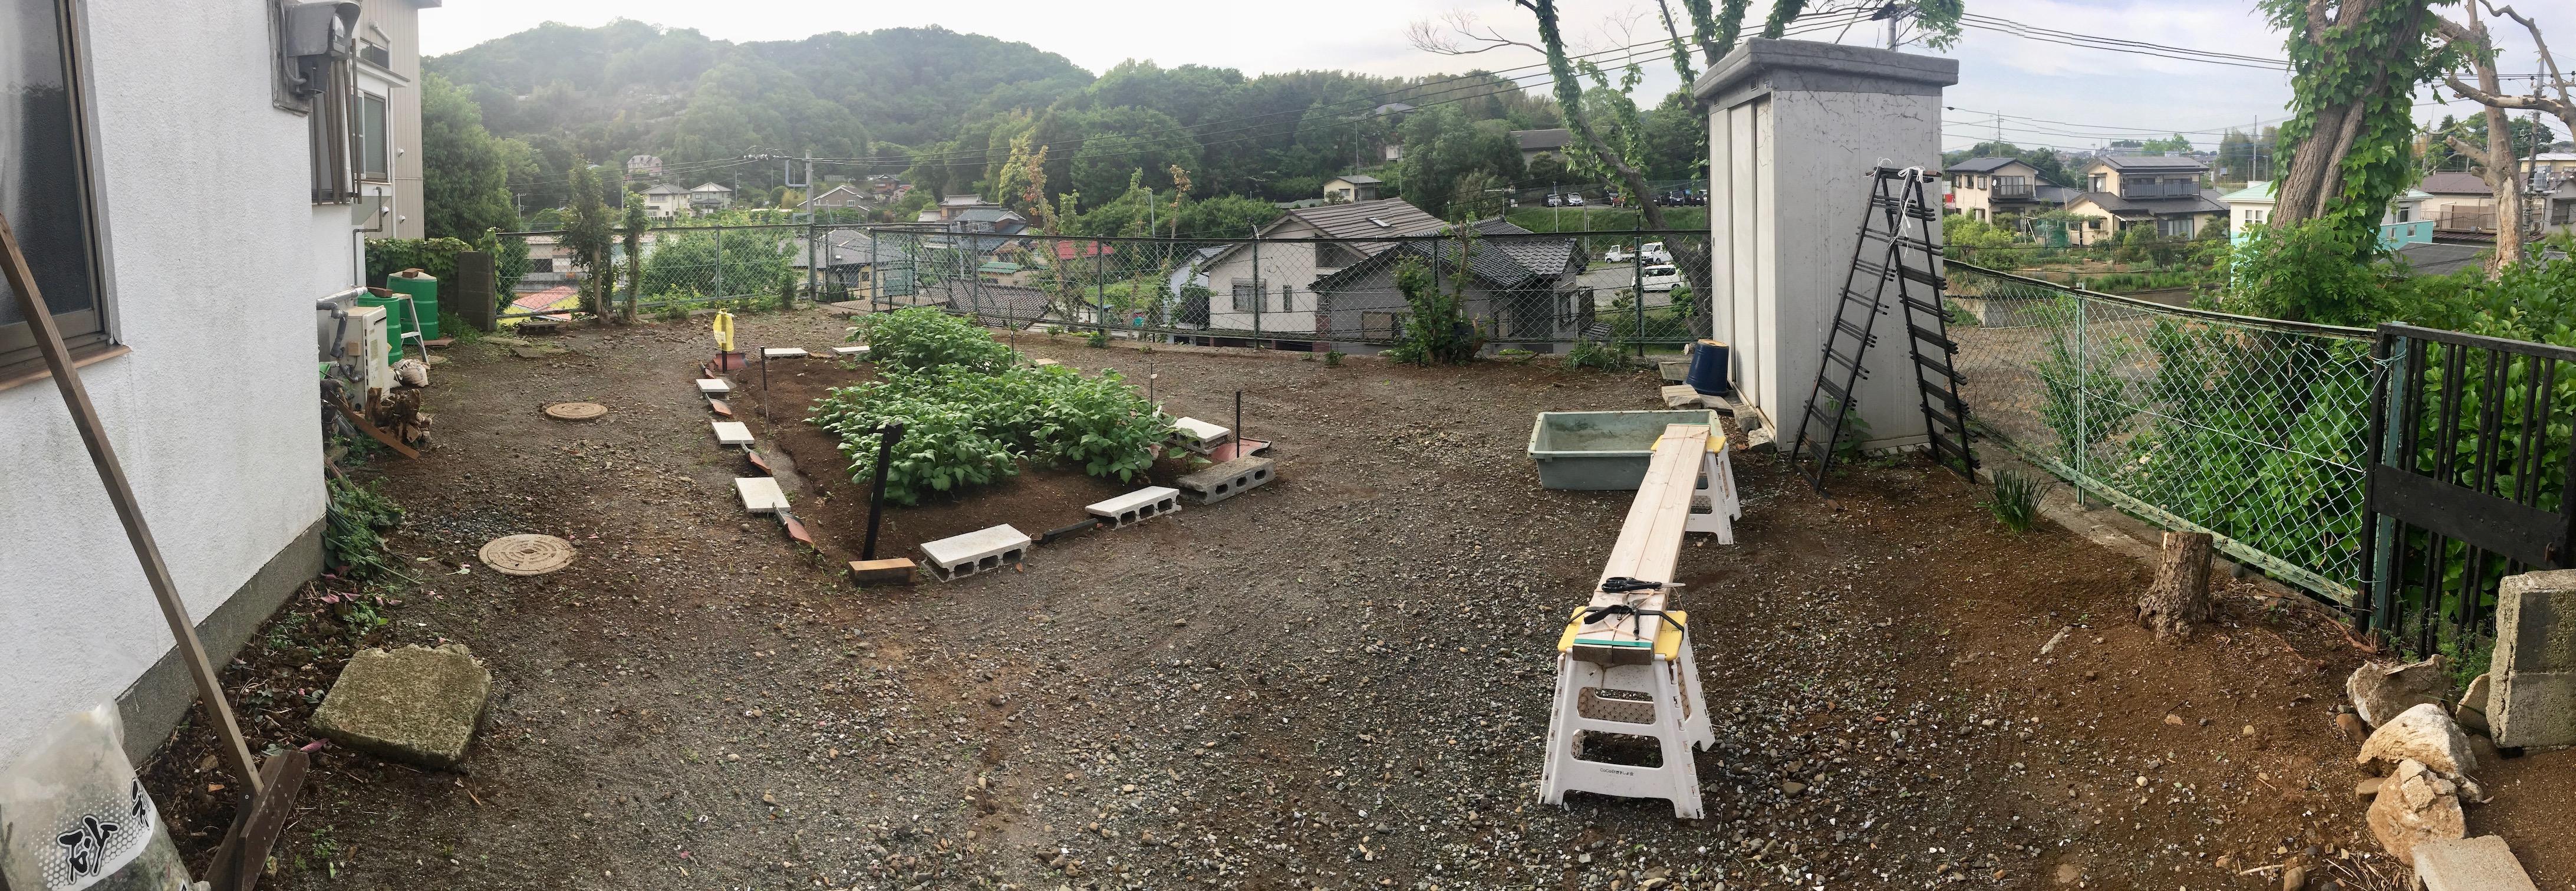 庭の整備後の様子